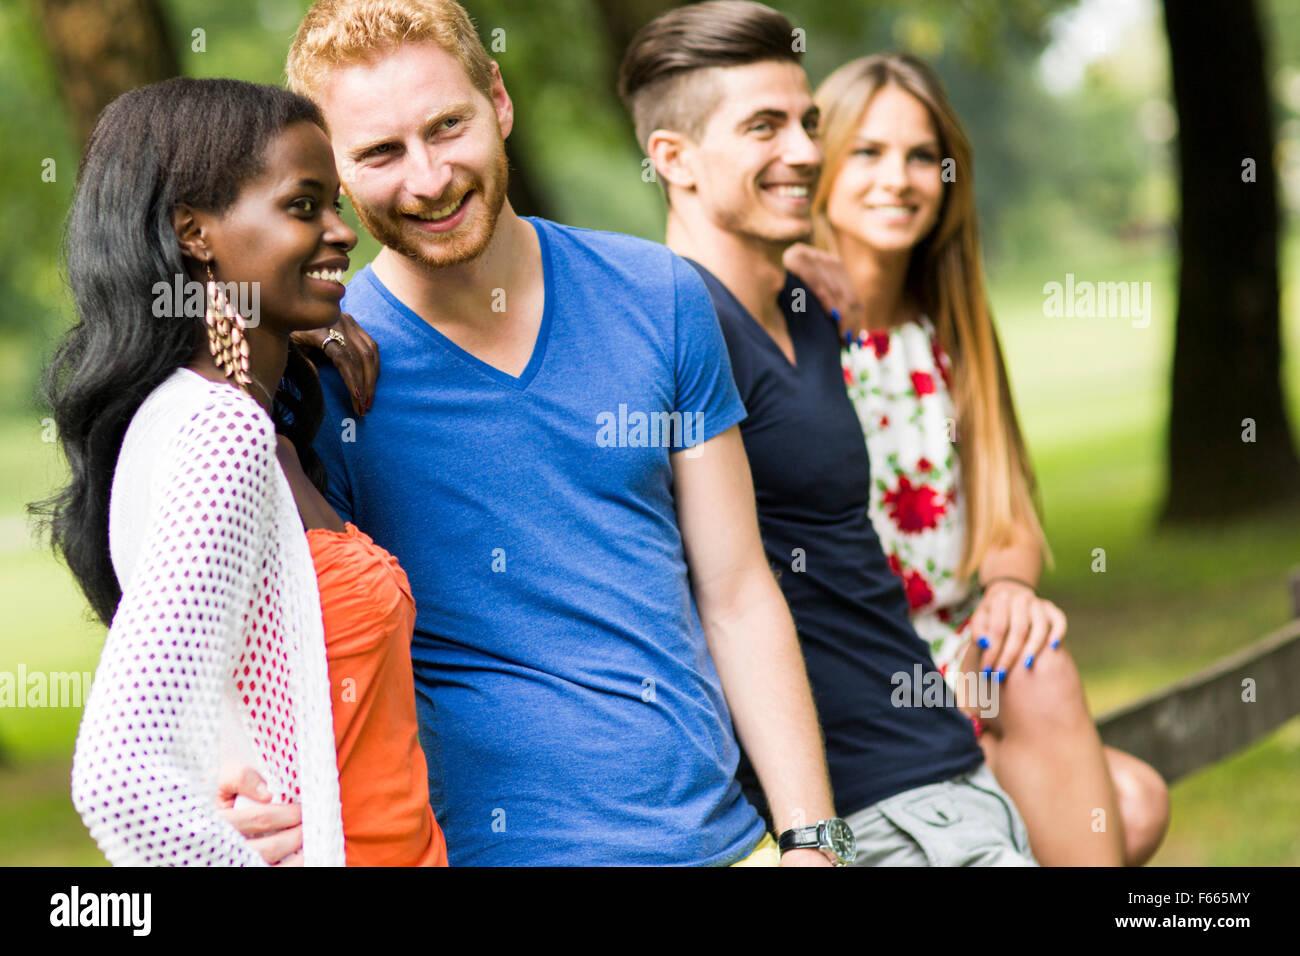 Gruppe von fröhlichen jungen Menschen im Sommer Stockbild